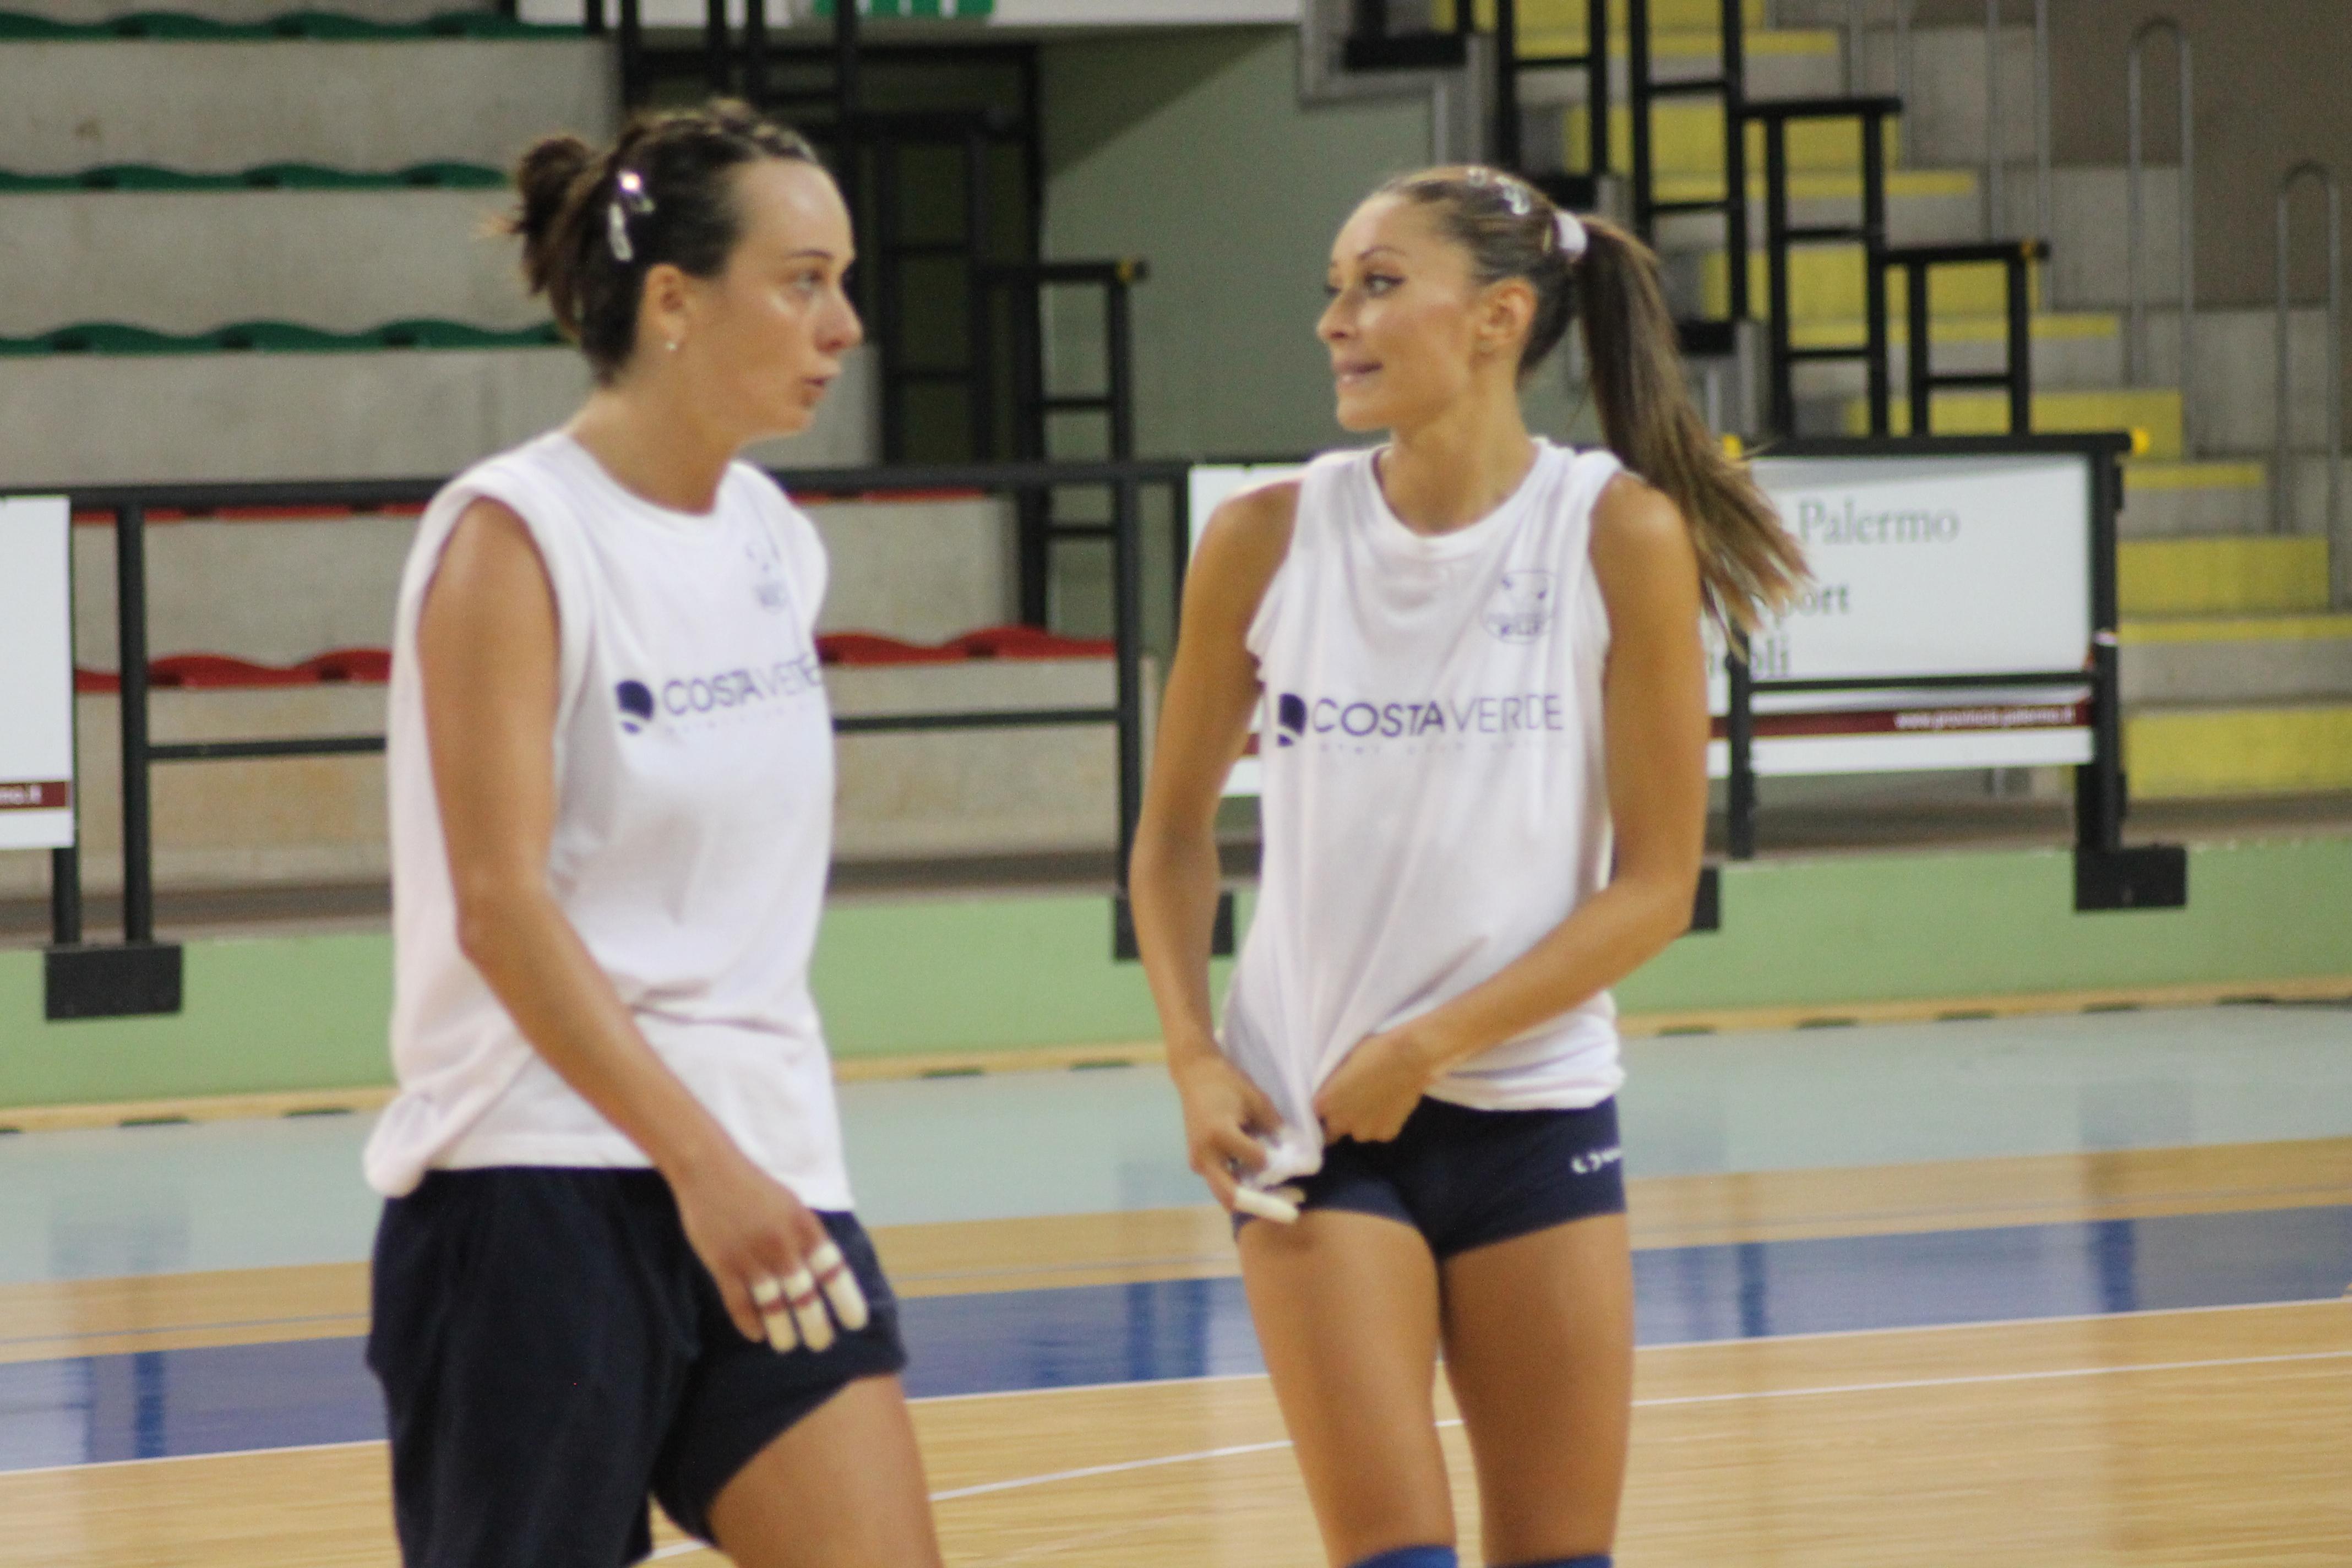 Costaverde Cefalù Volley - Noma S. Stefano: Interviste post gara